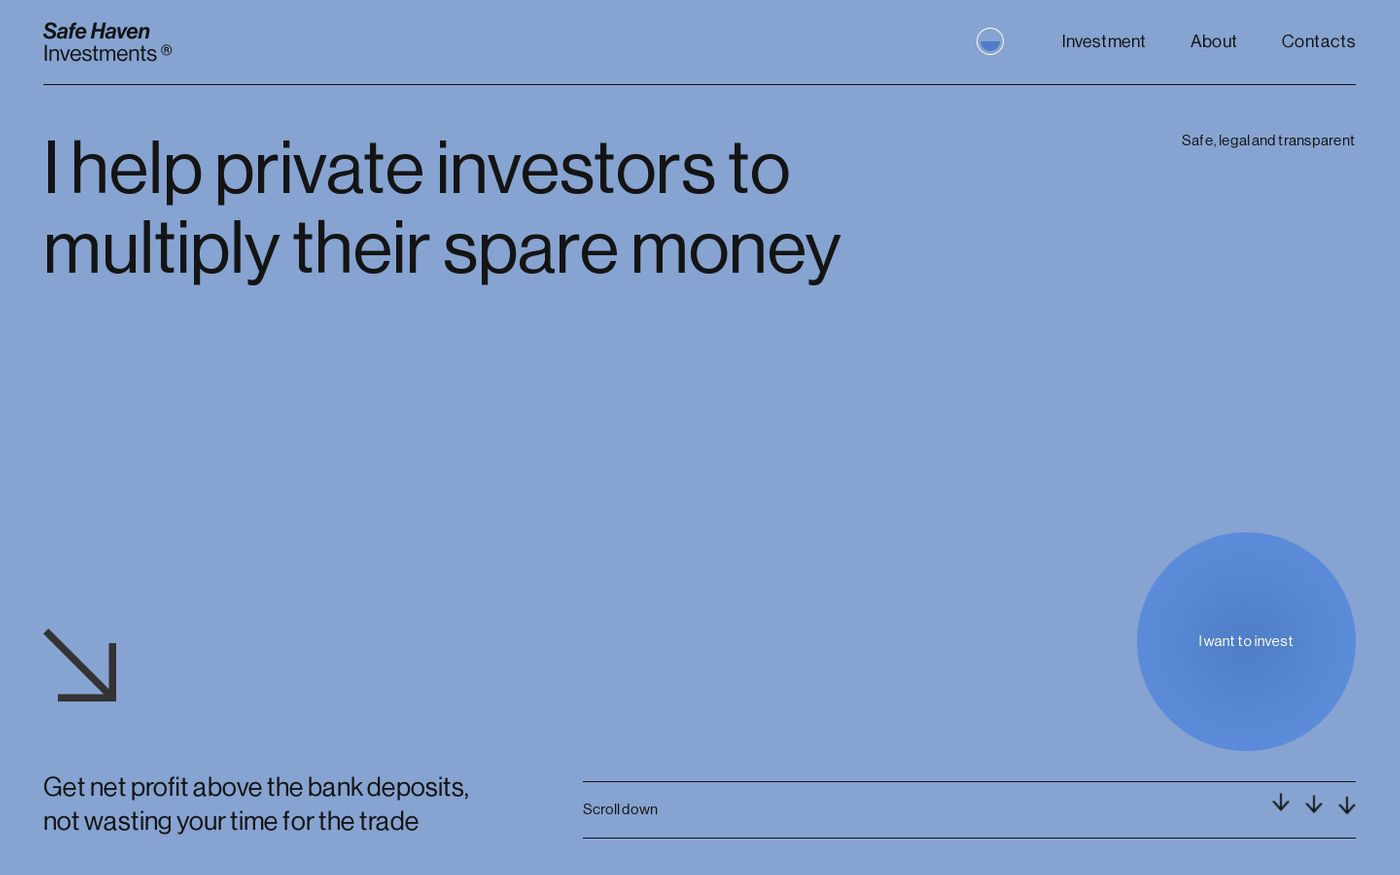 Screenshot of Safe Haven Investment website